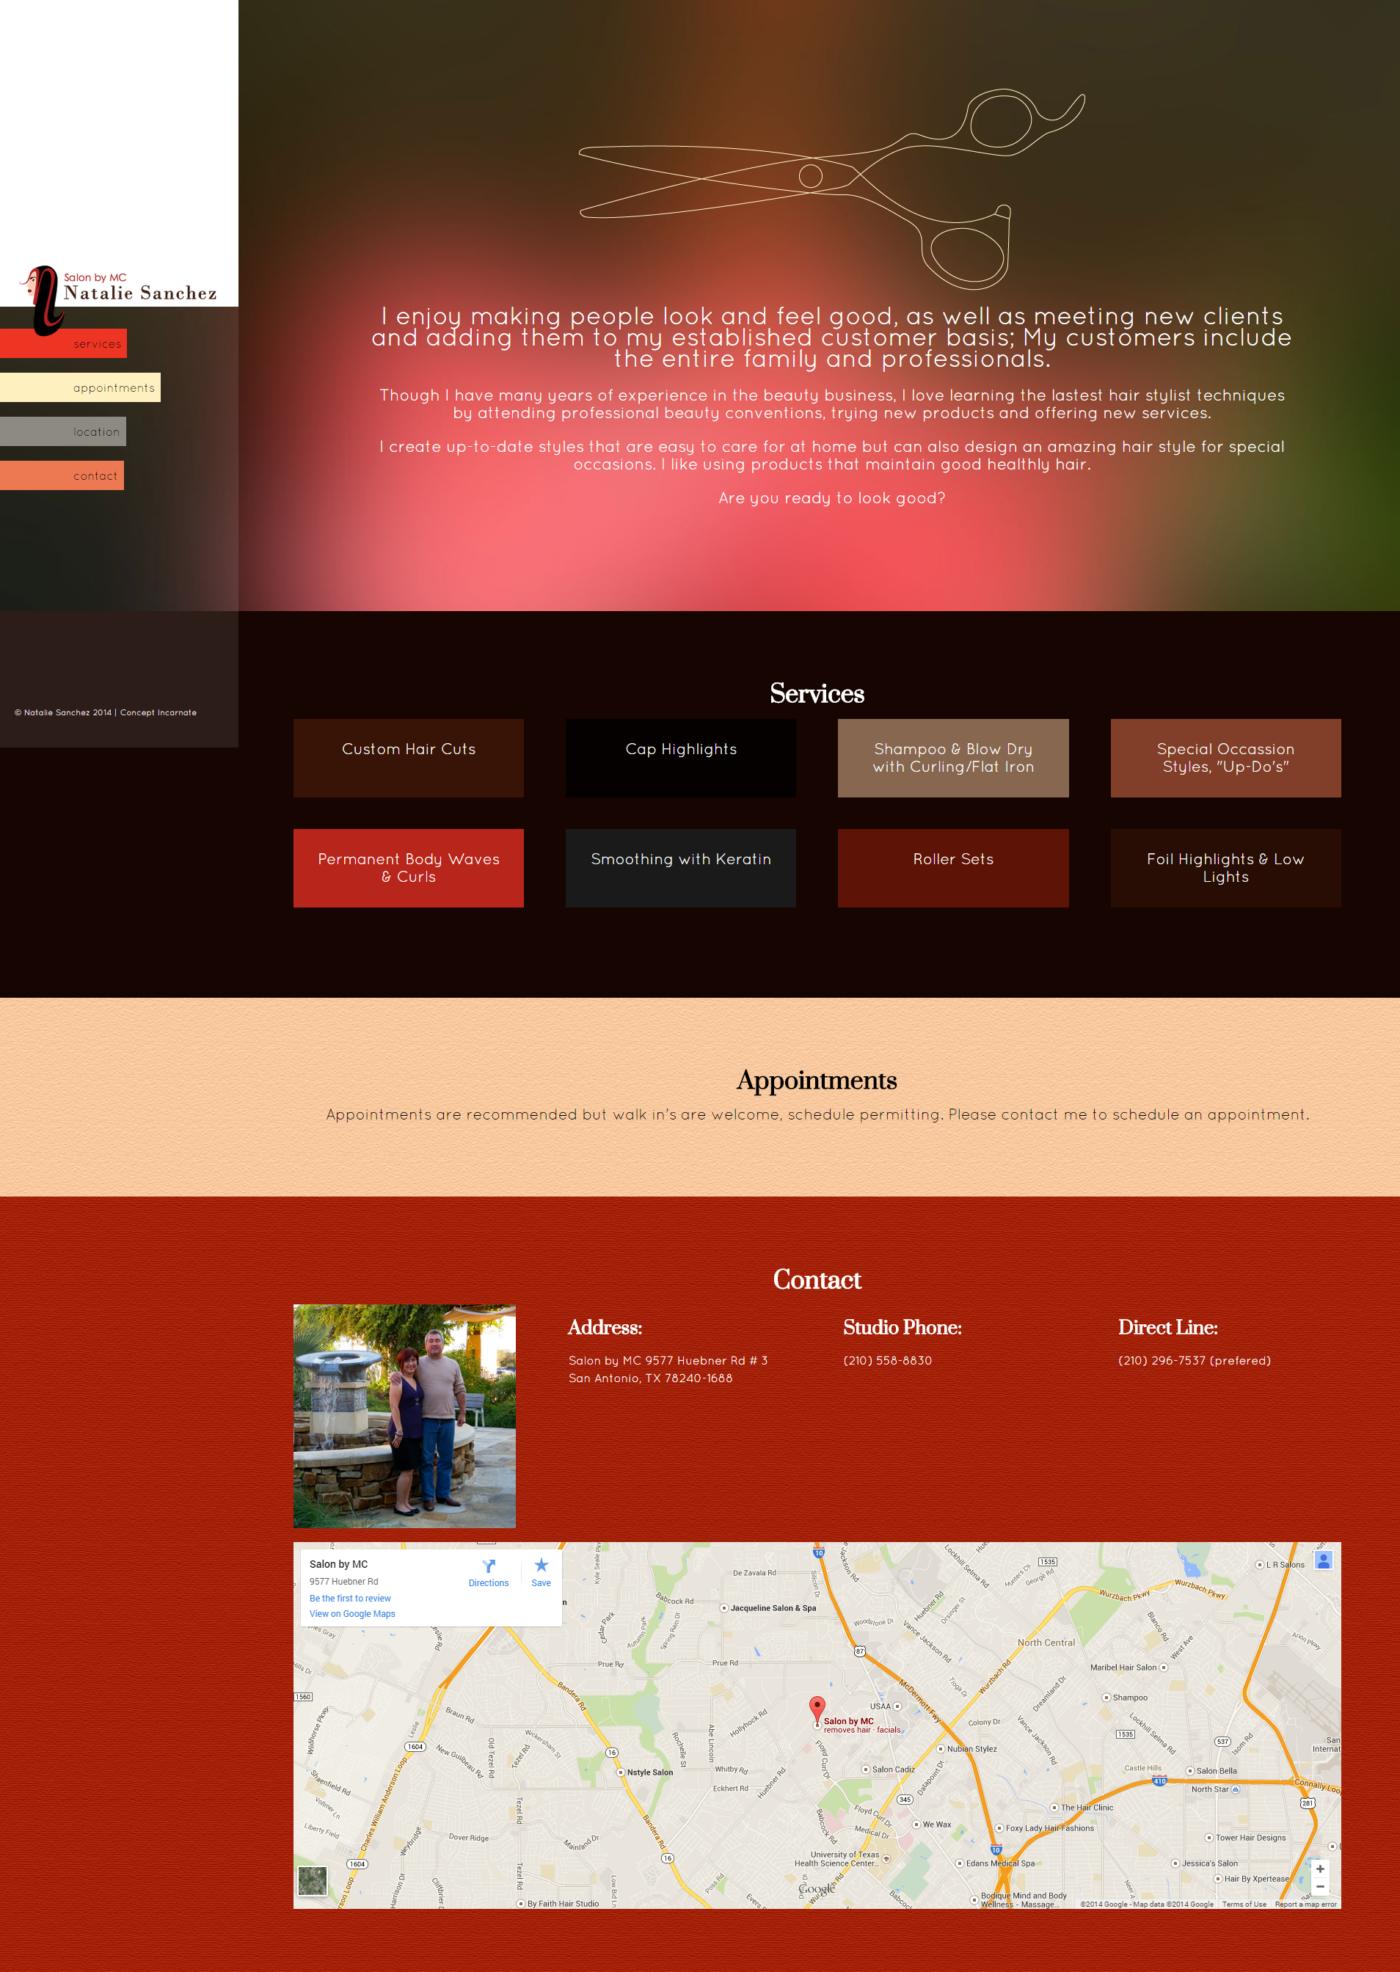 Natalie Sanchez Website